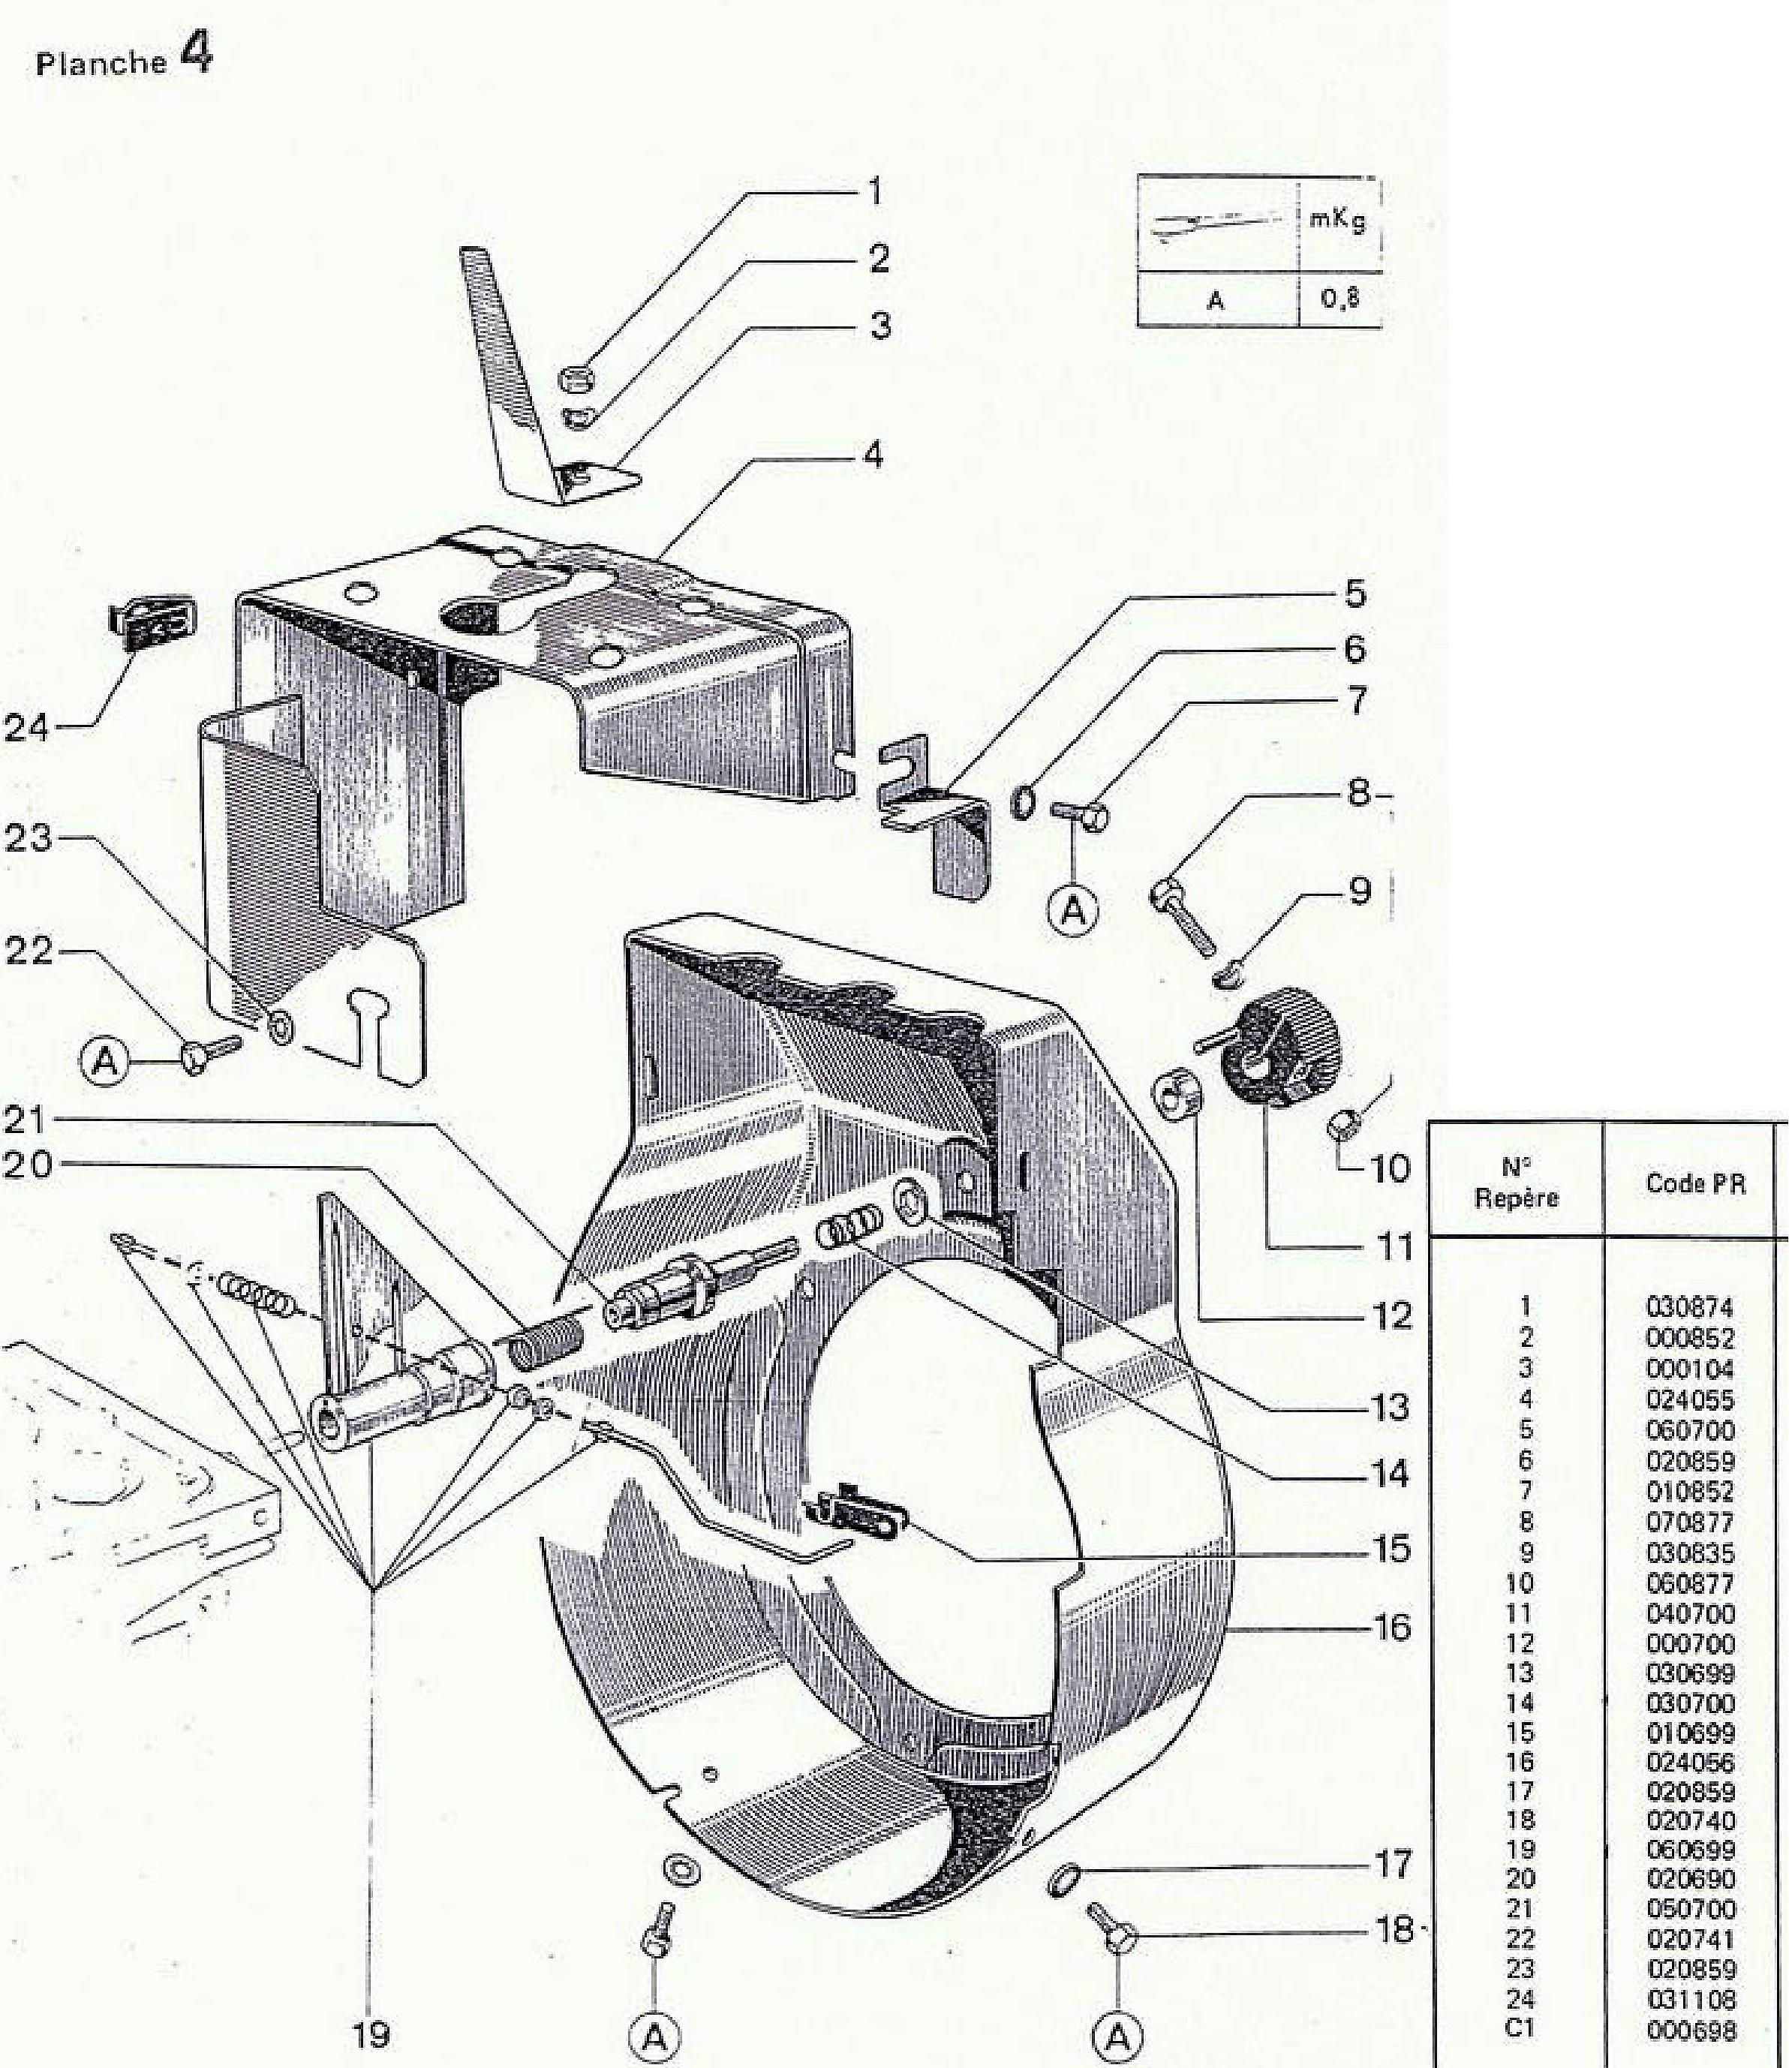 vue eclatee regulation 18A-18B-28A-318A-328A